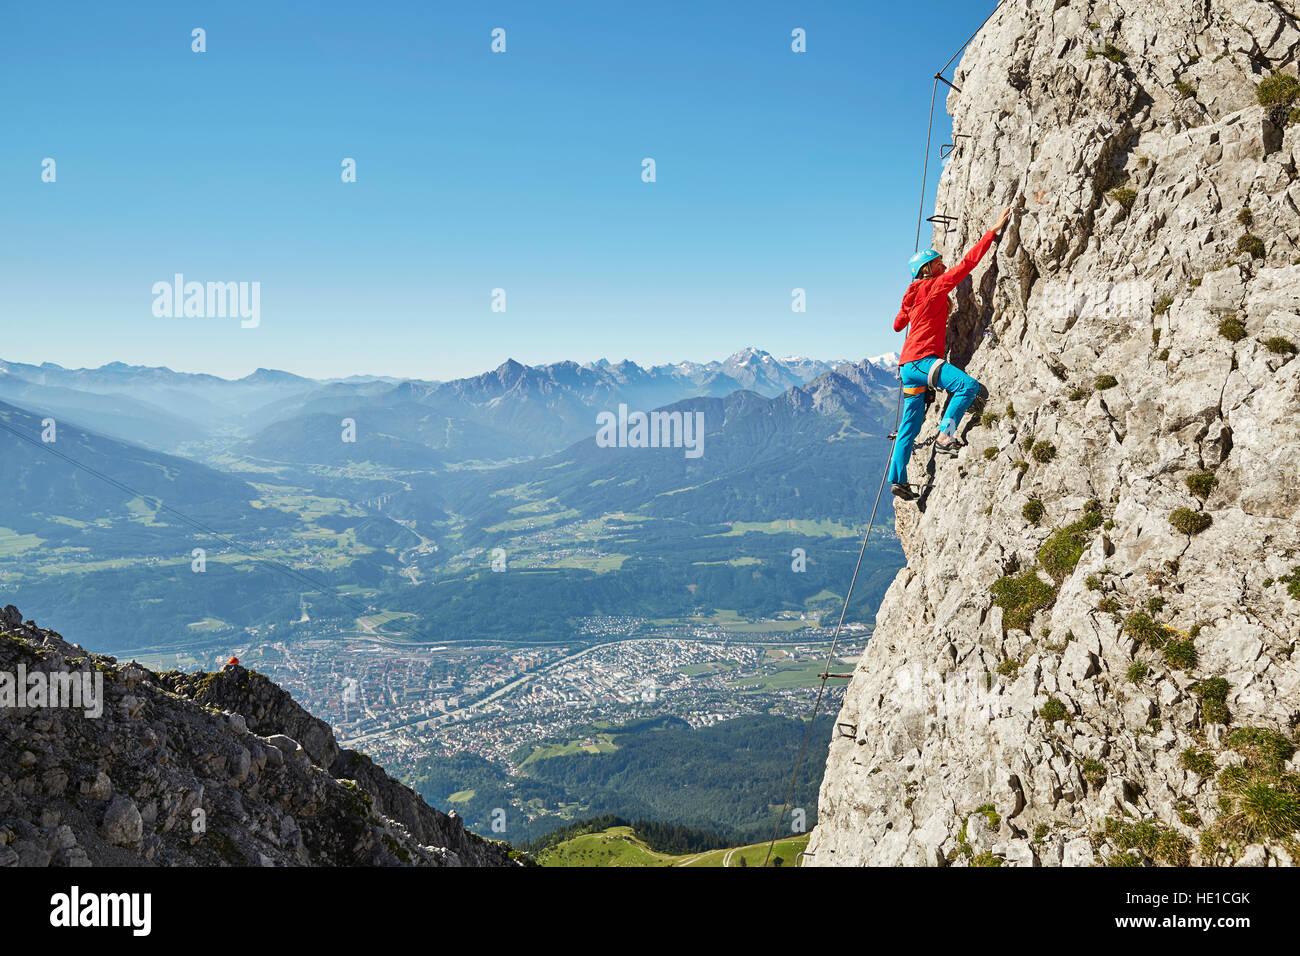 Klettersteig Innsbruck : Nordkette klettersteig route bergsteiger befestigt mit